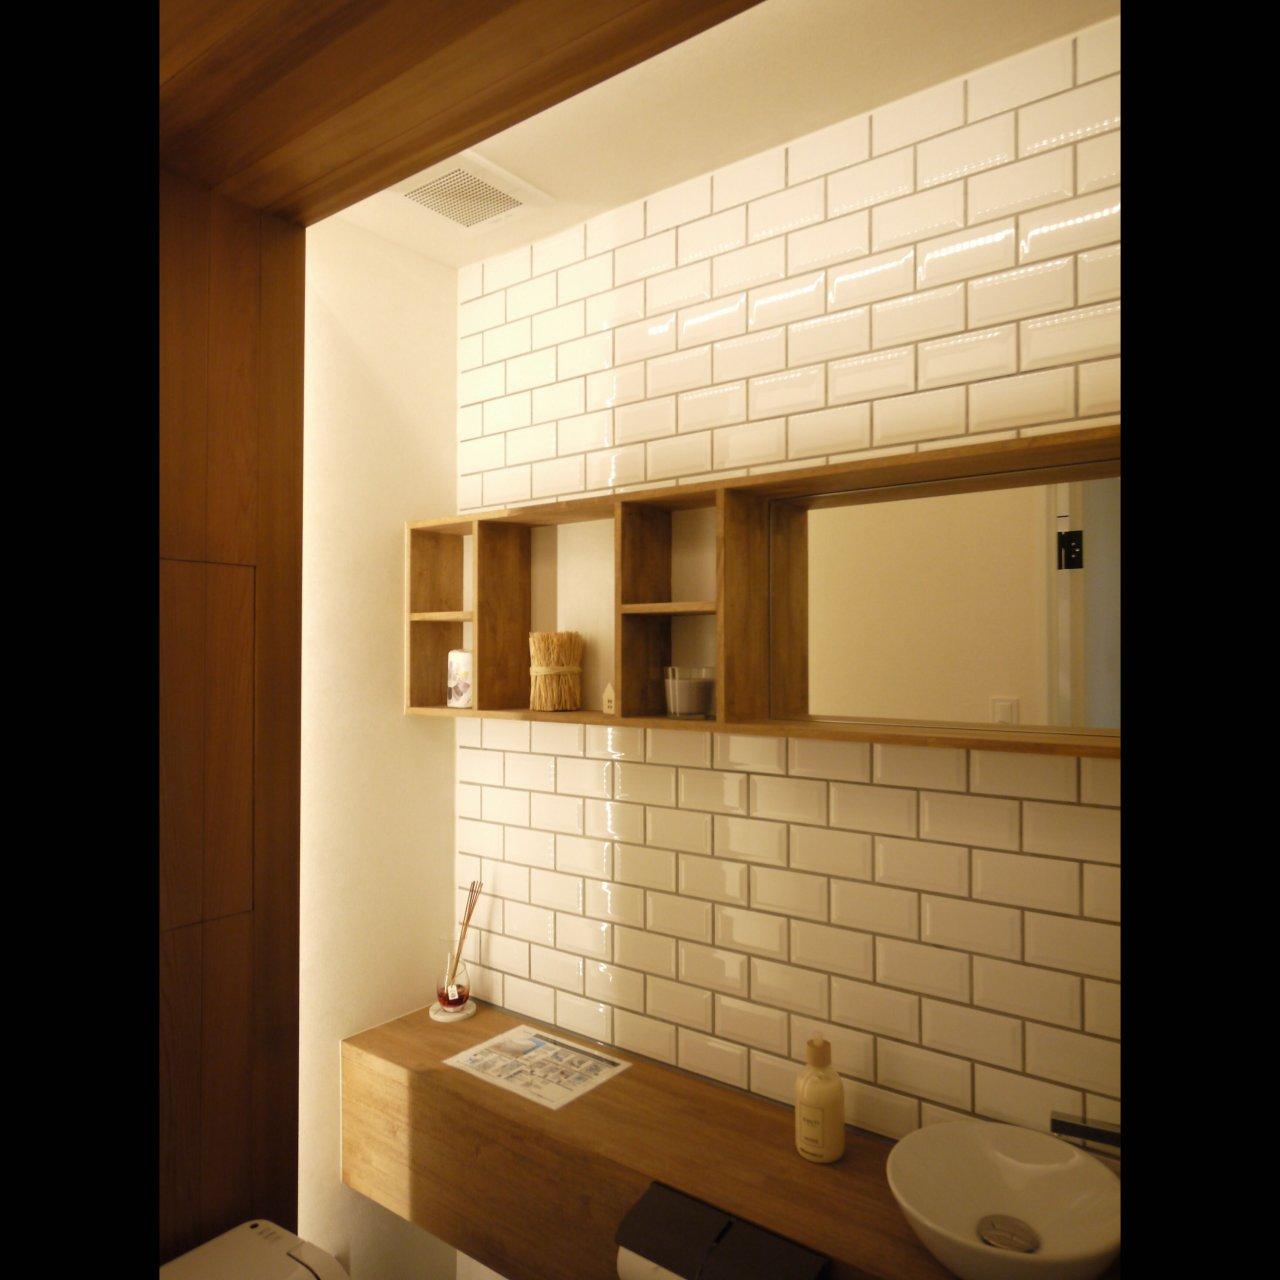 リノベ不動産|General Act Design ショールーム9 メイン空間と同じモダンなトイレは通常のサイズよりゆったりした